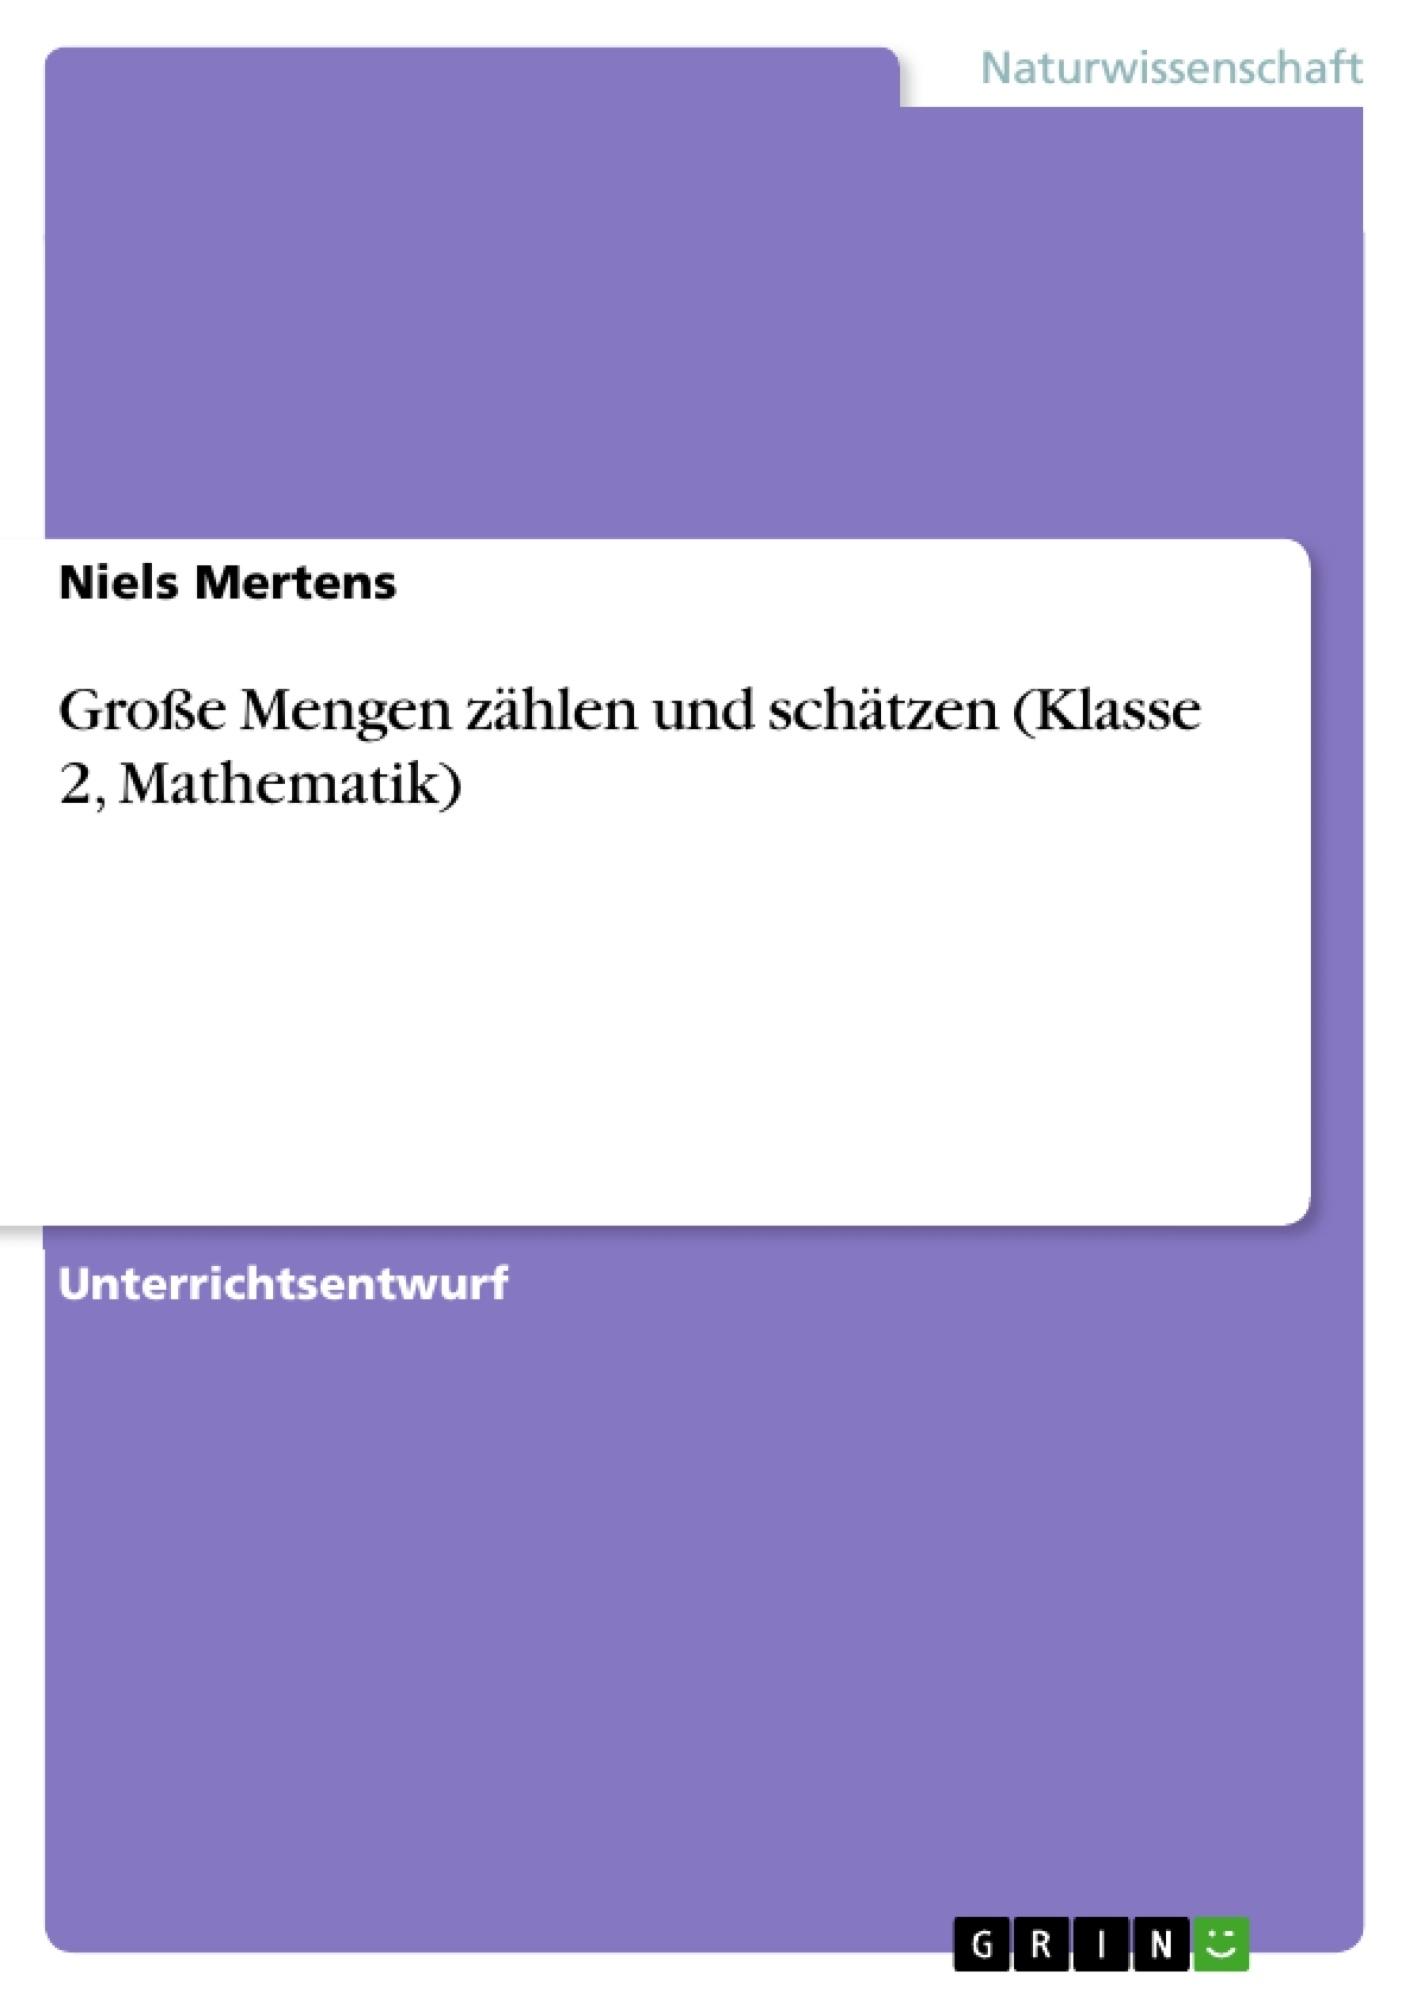 Titel: Große Mengen zählen und schätzen (Klasse 2, Mathematik)